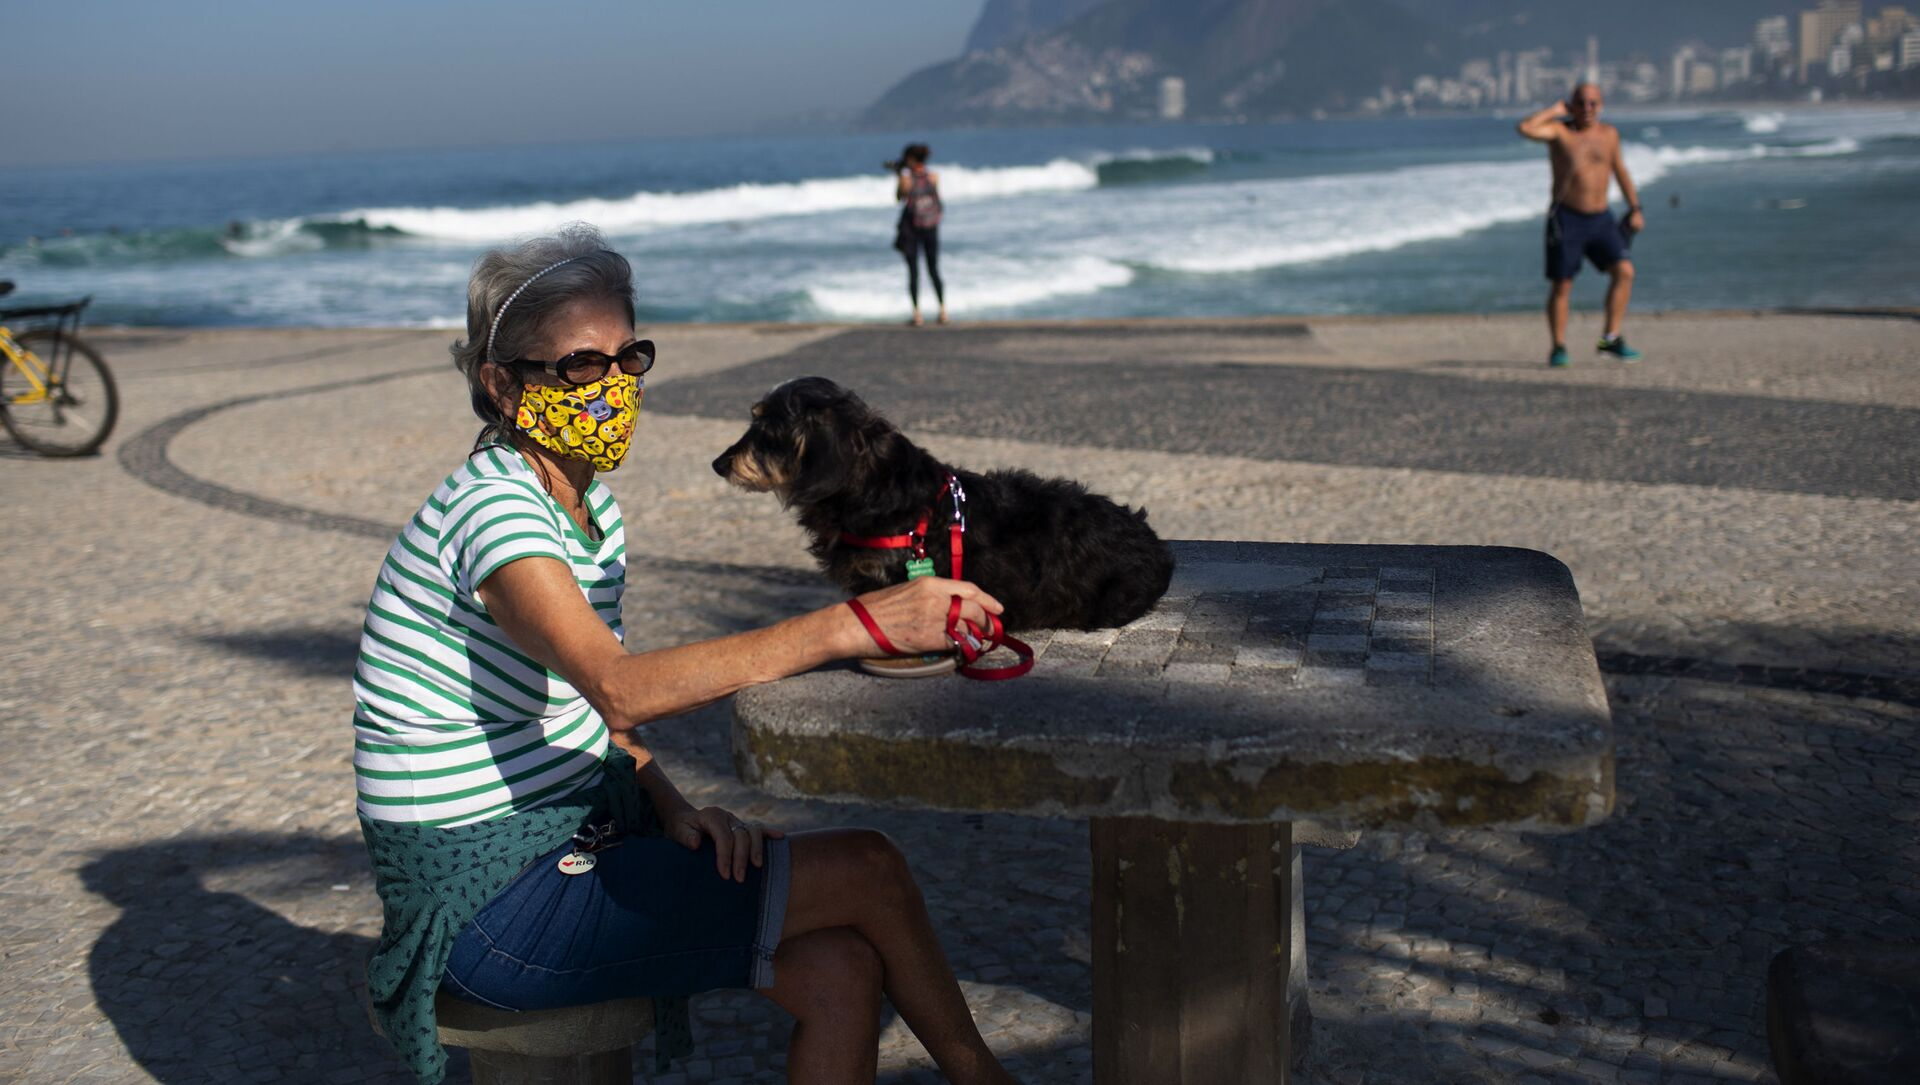 Žena v roušce se psem na pláži v Rio de Janeiru - Sputnik Česká republika, 1920, 31.03.2021